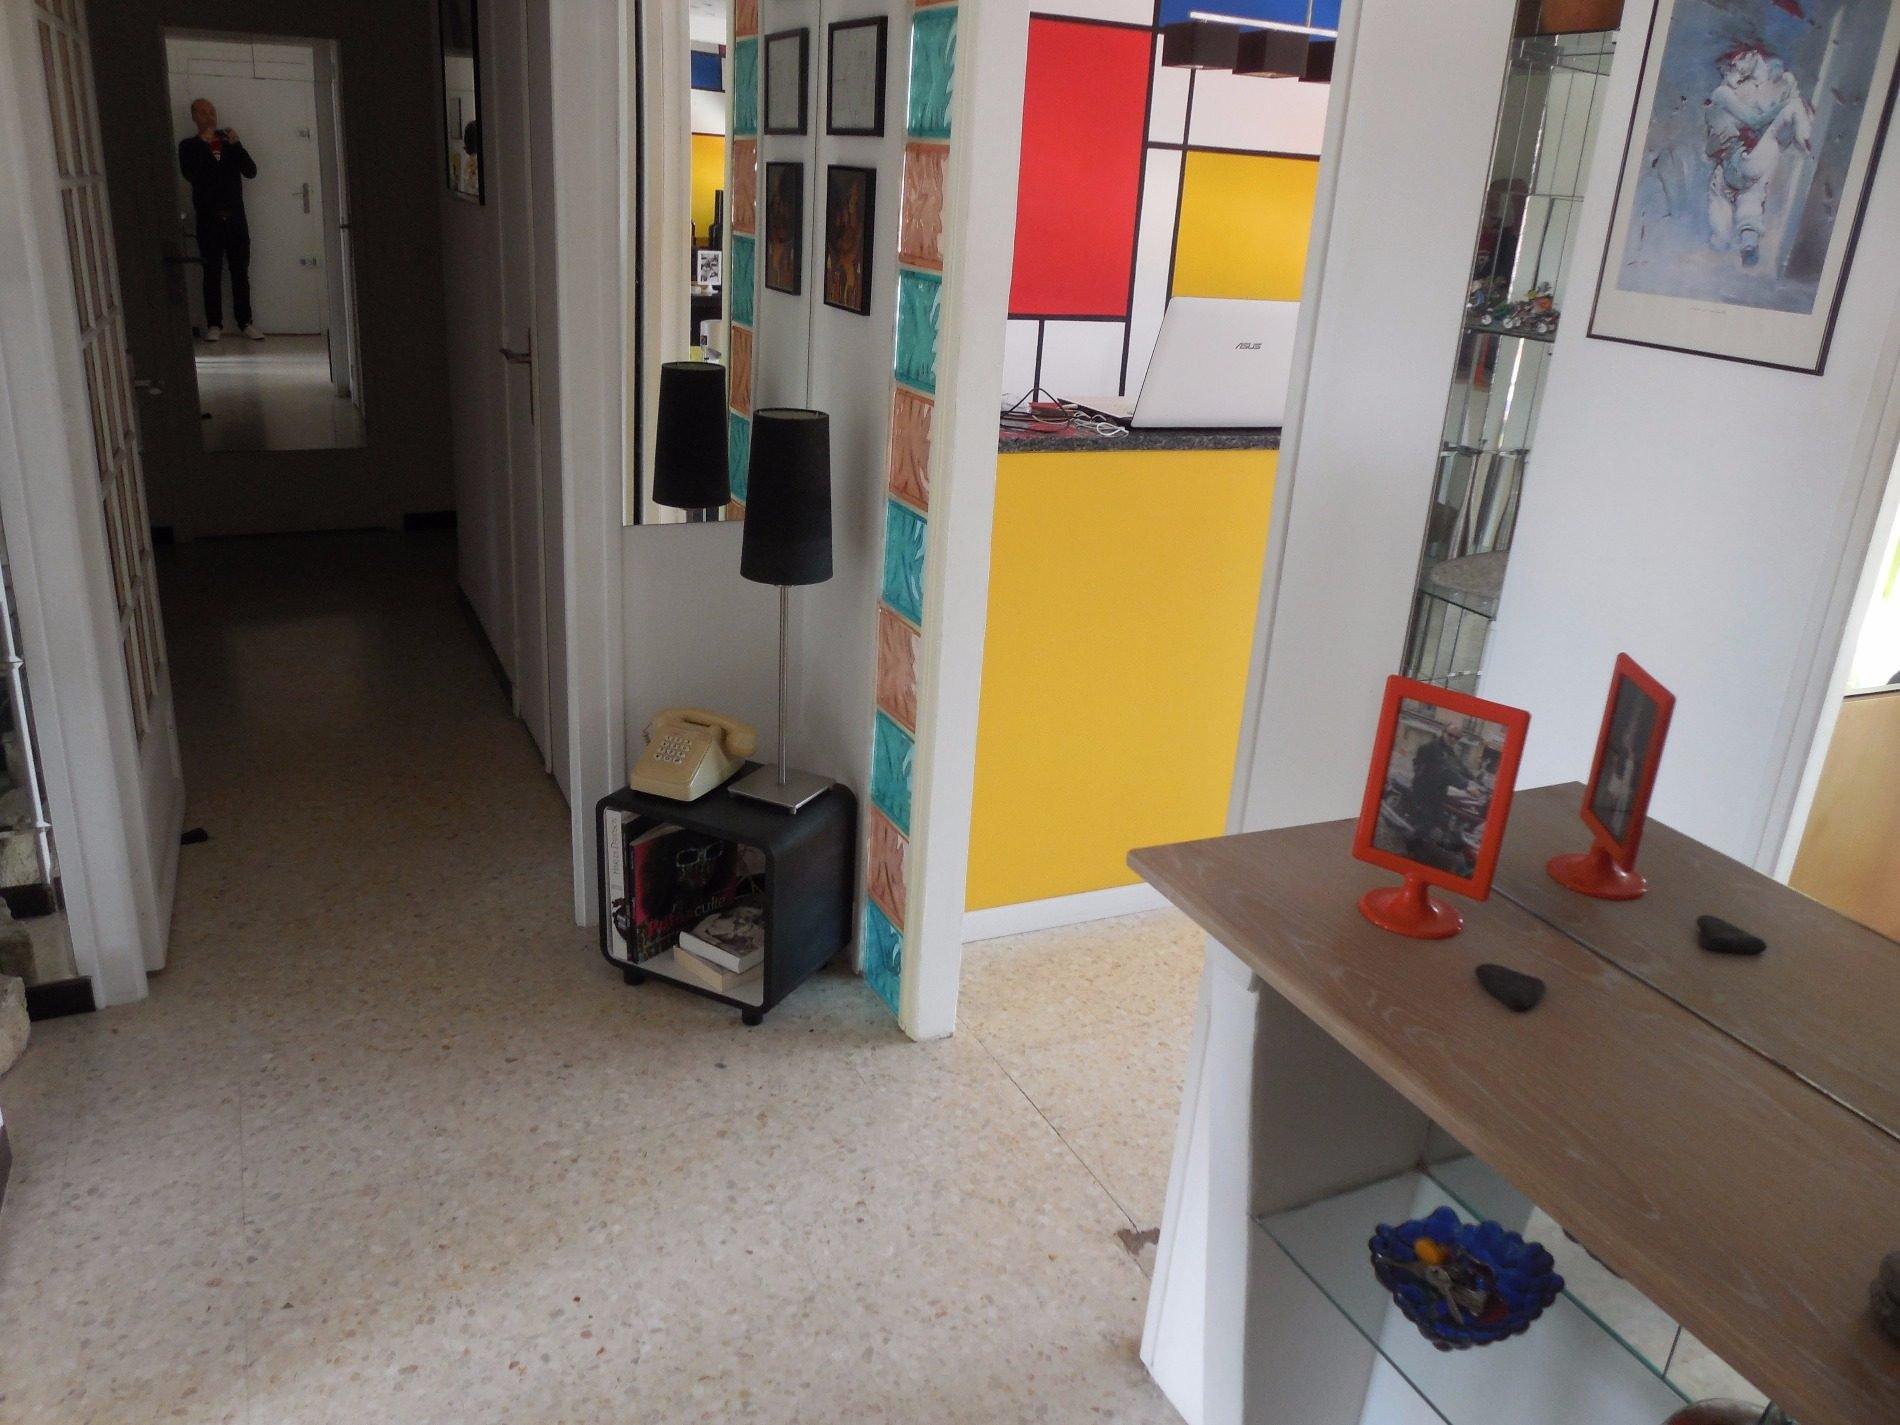 Appartement à la vente à Perpignan, traversant et lumineux